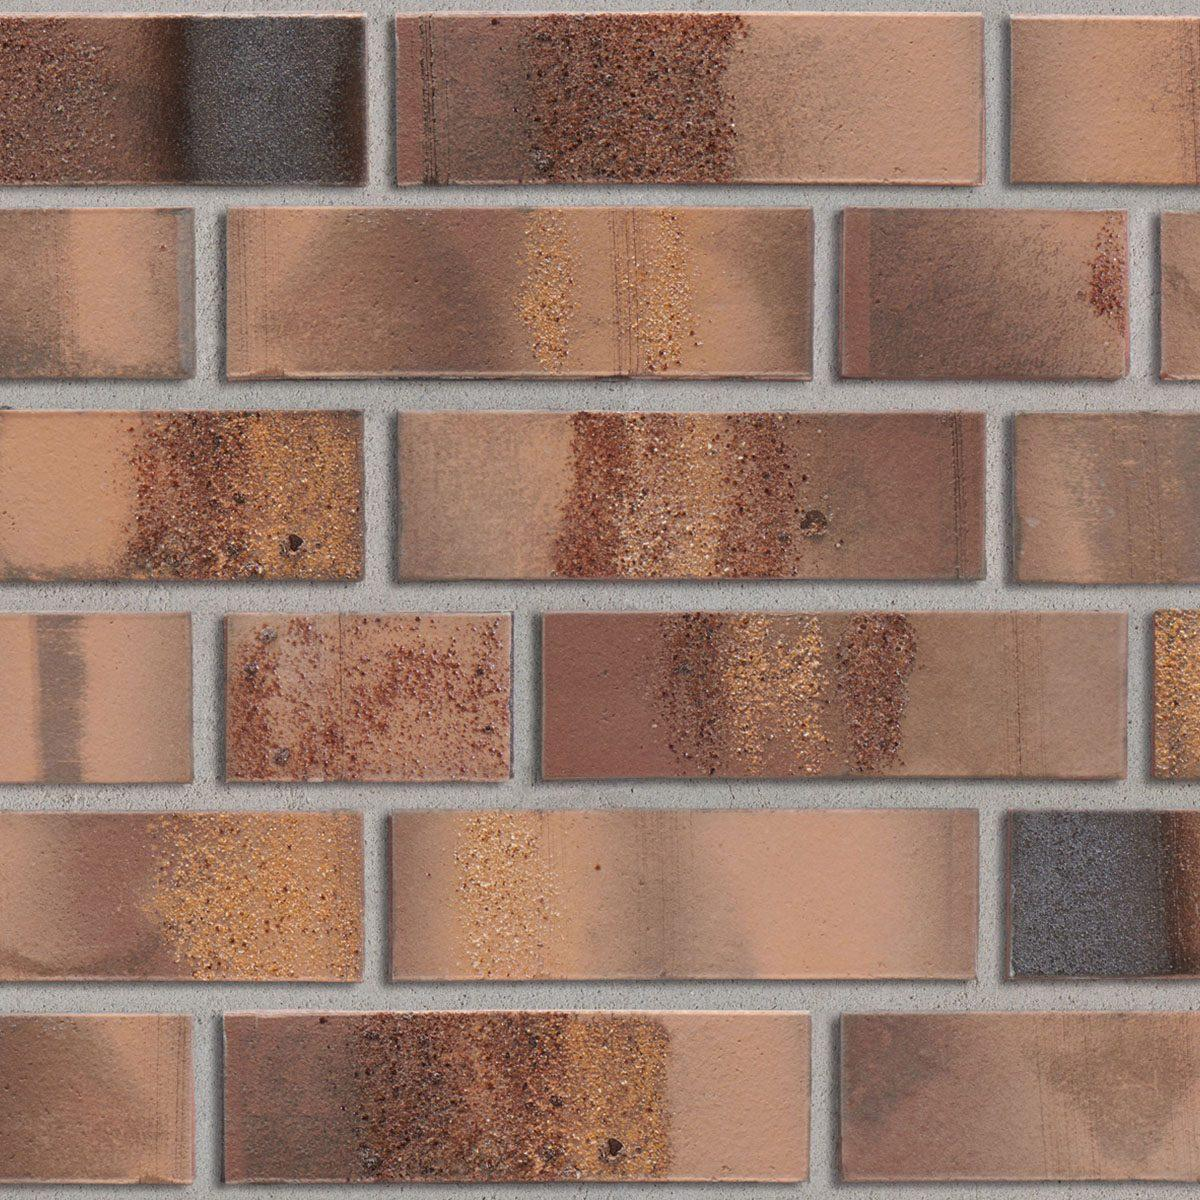 KLAY Tiles Facades - KLAY_KBS-SBR-2111-Copper-Red